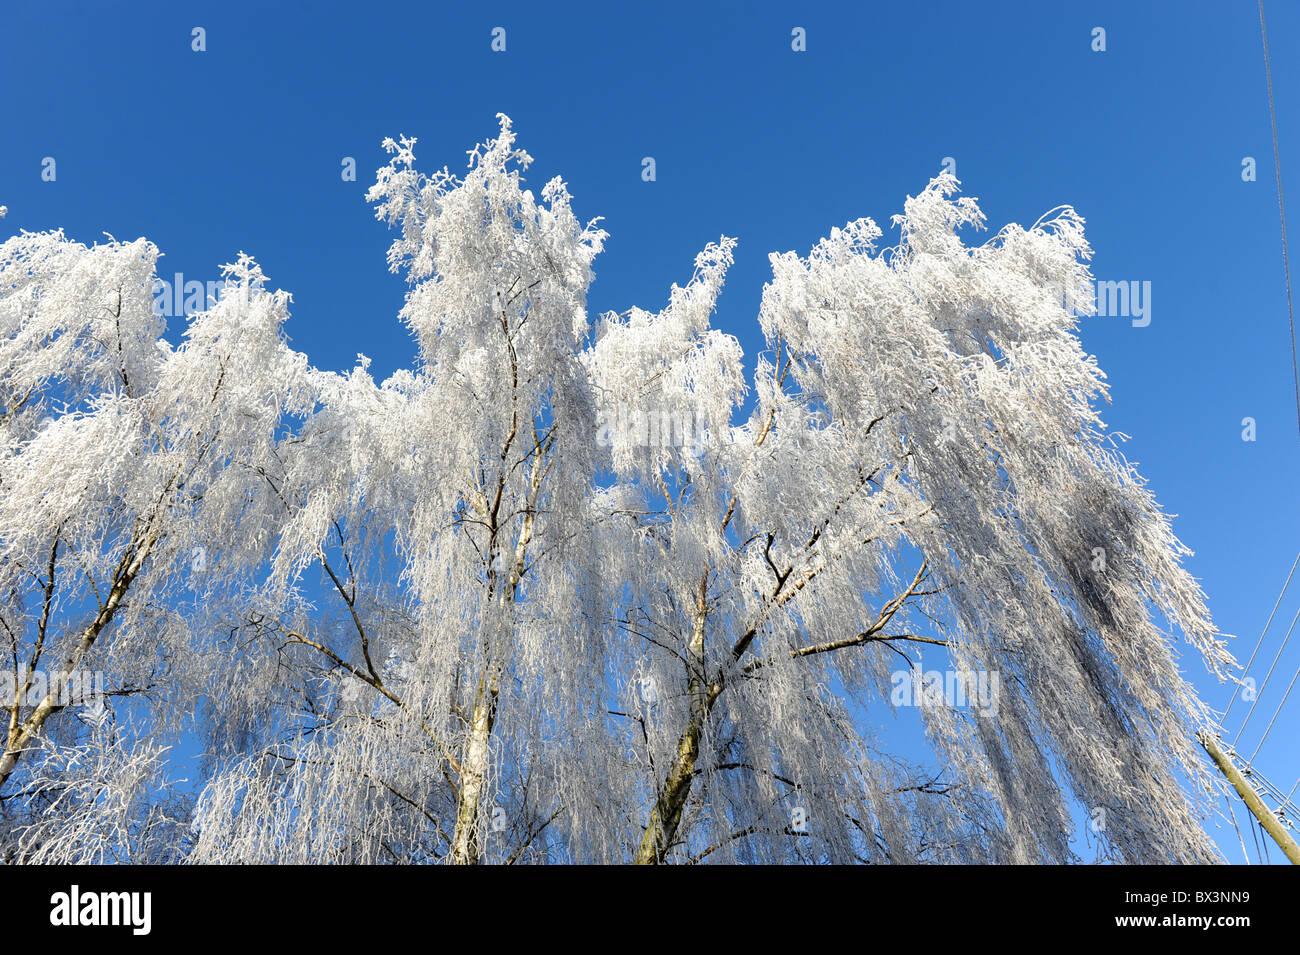 Winter hoar frost on Birch trees Uk - Stock Image